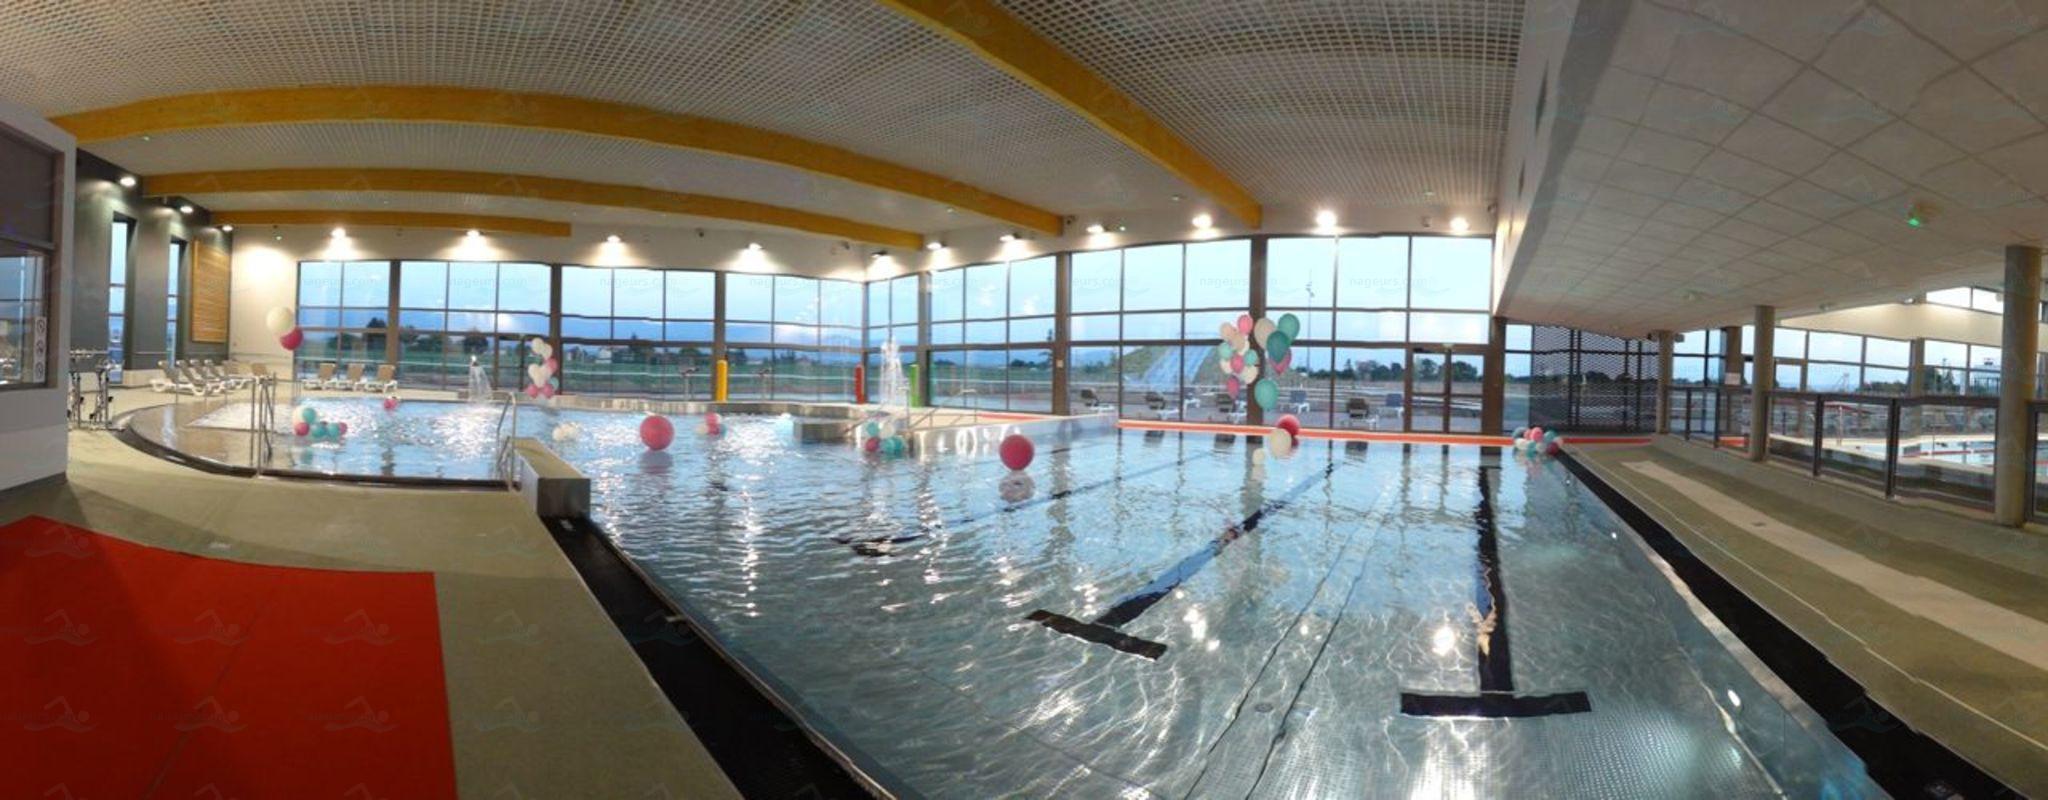 Photos piscine municipale de bourg de p age for Cash piscine bourg de peage